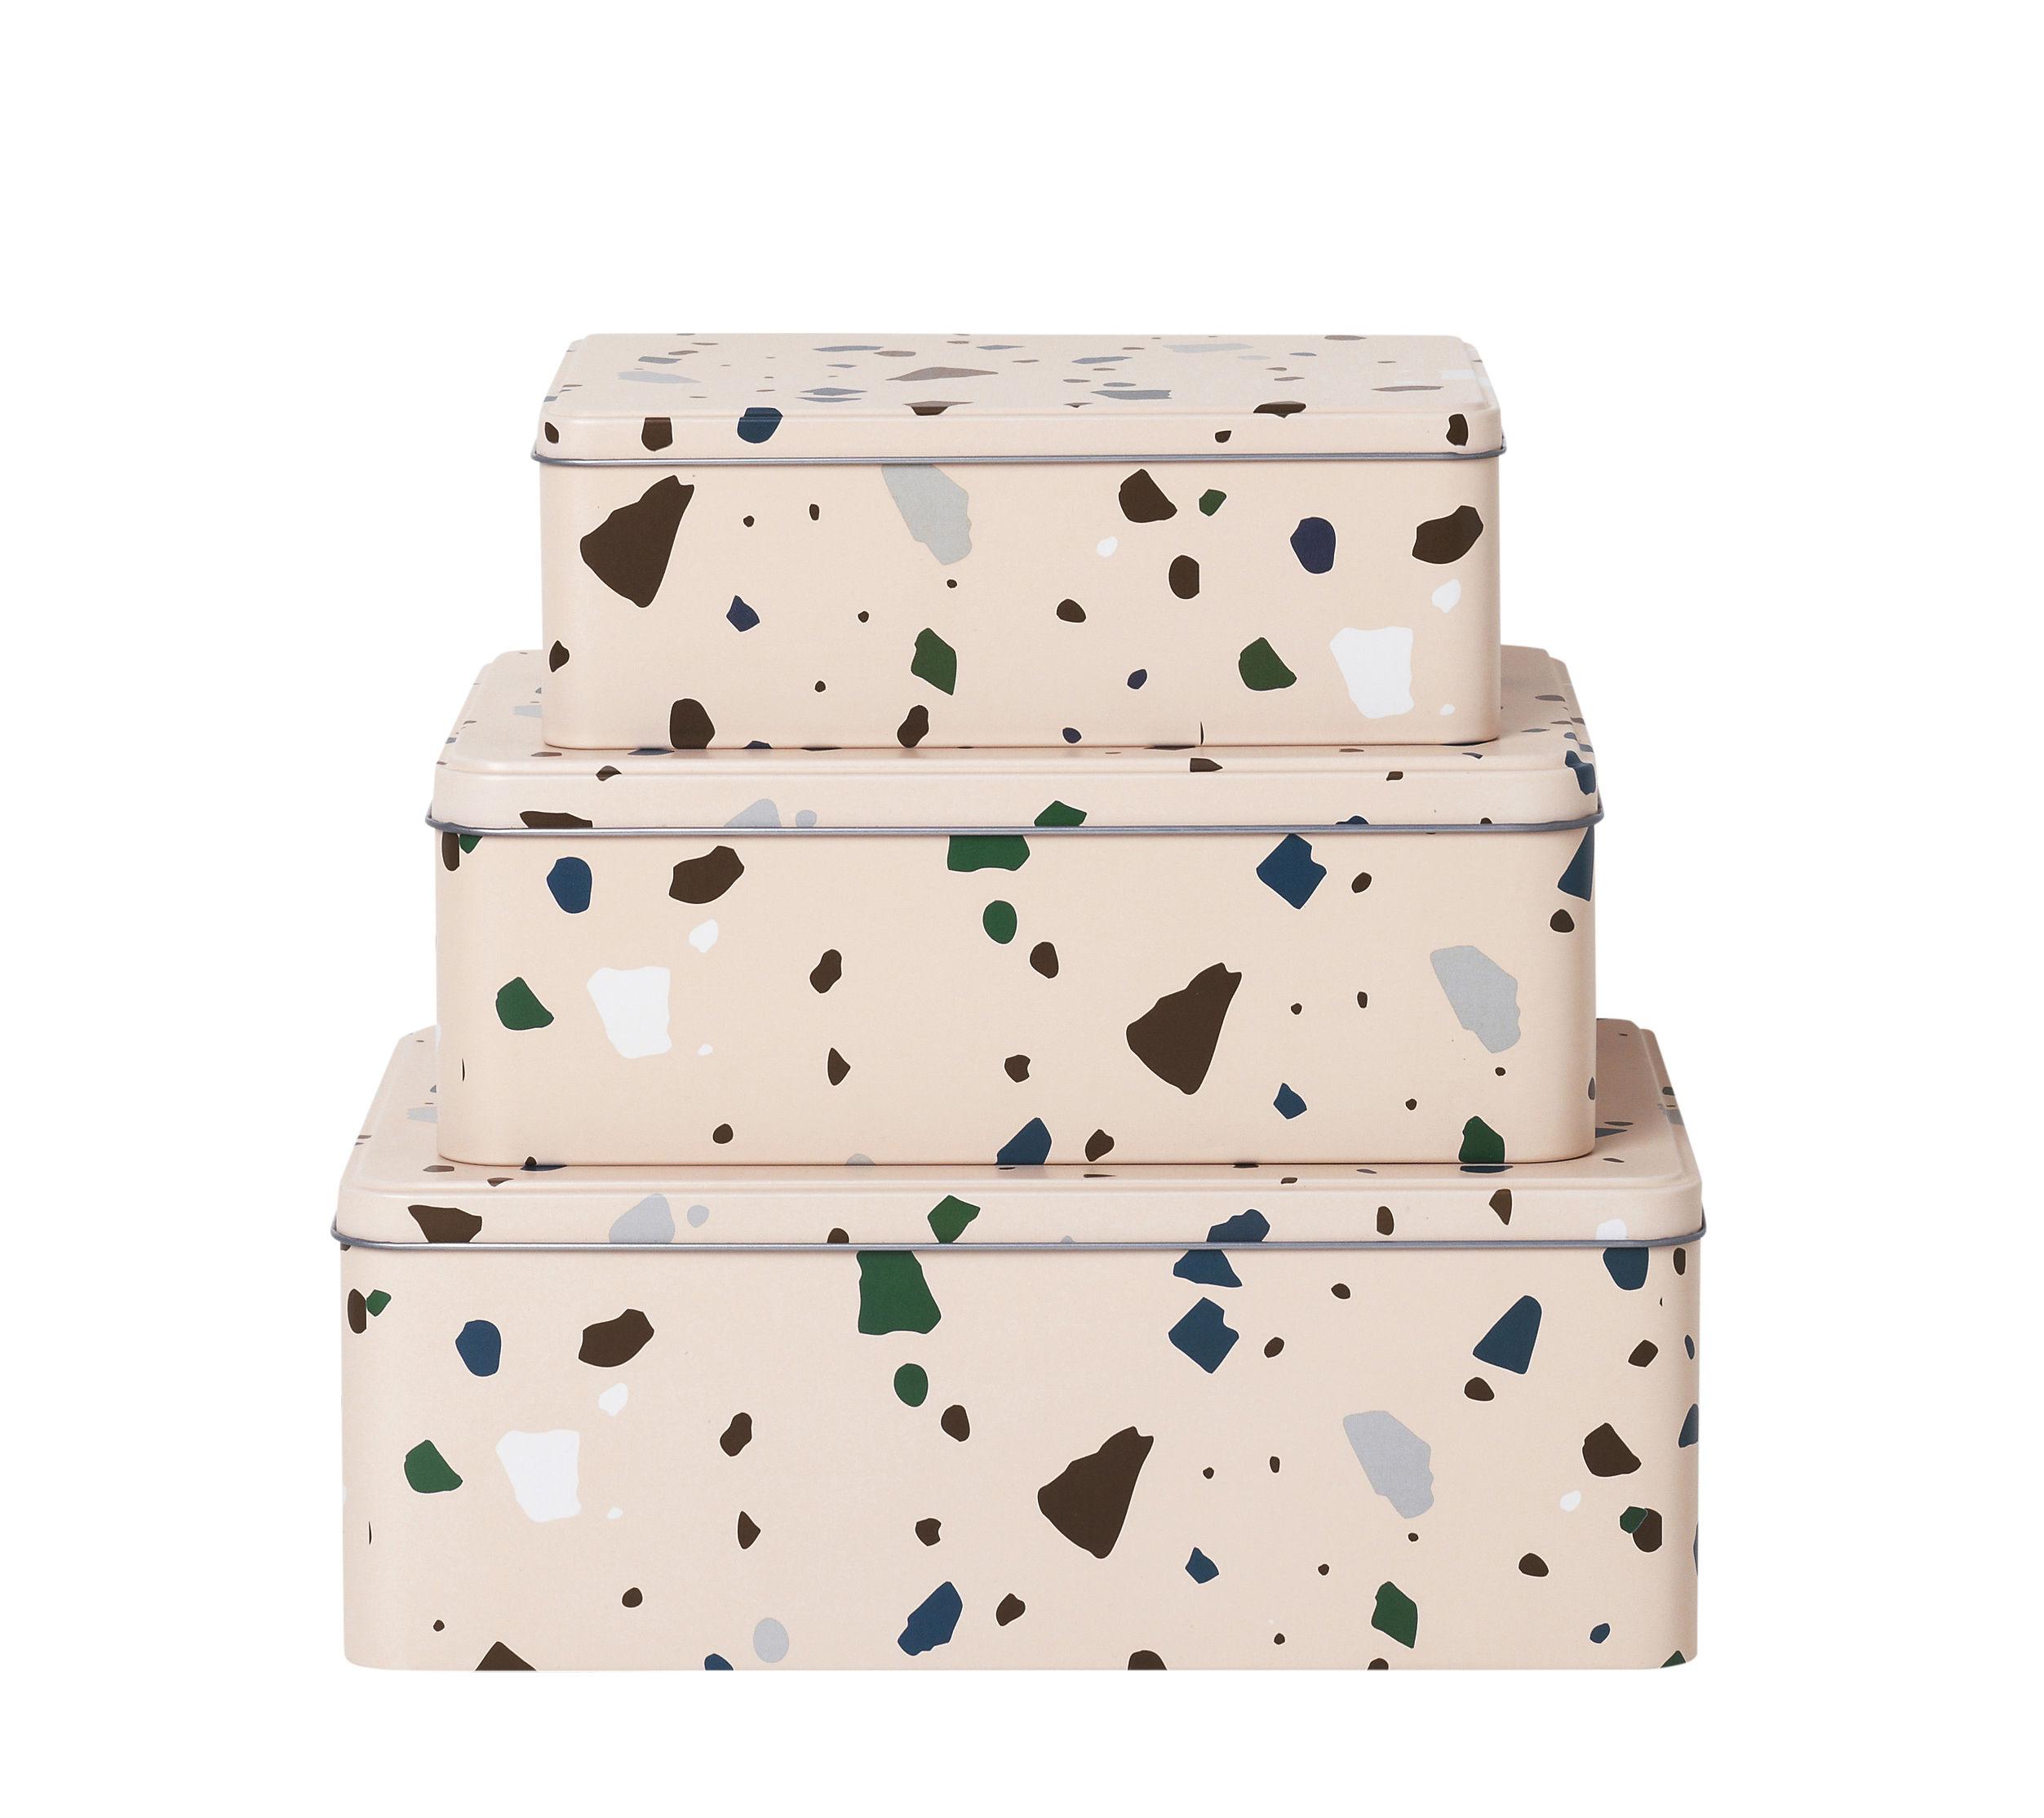 Déco - Pour les enfants - Boîte Tin / Set de 3 - Métal effet Terrazzo - Ferm Living - Terrazzo / Rose - Fer blanc